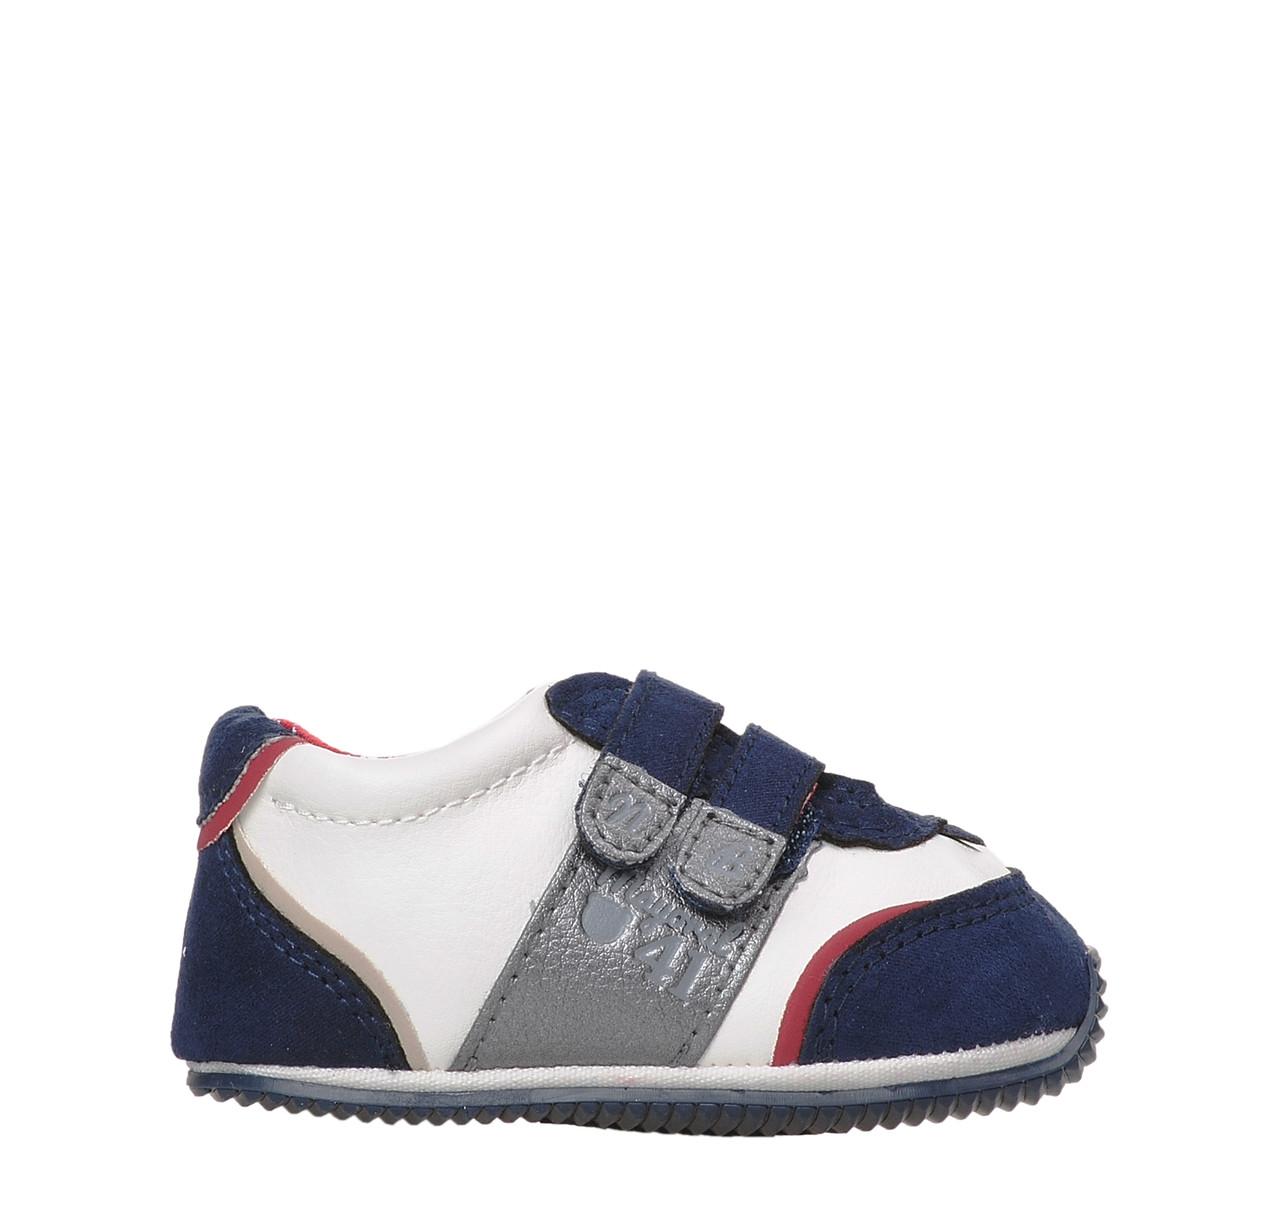 0d72e1f46df Παιδικά > Βρέφη > Παπούτσια / CONVERSE - Βρεφικά παπούτσια Chuck ...